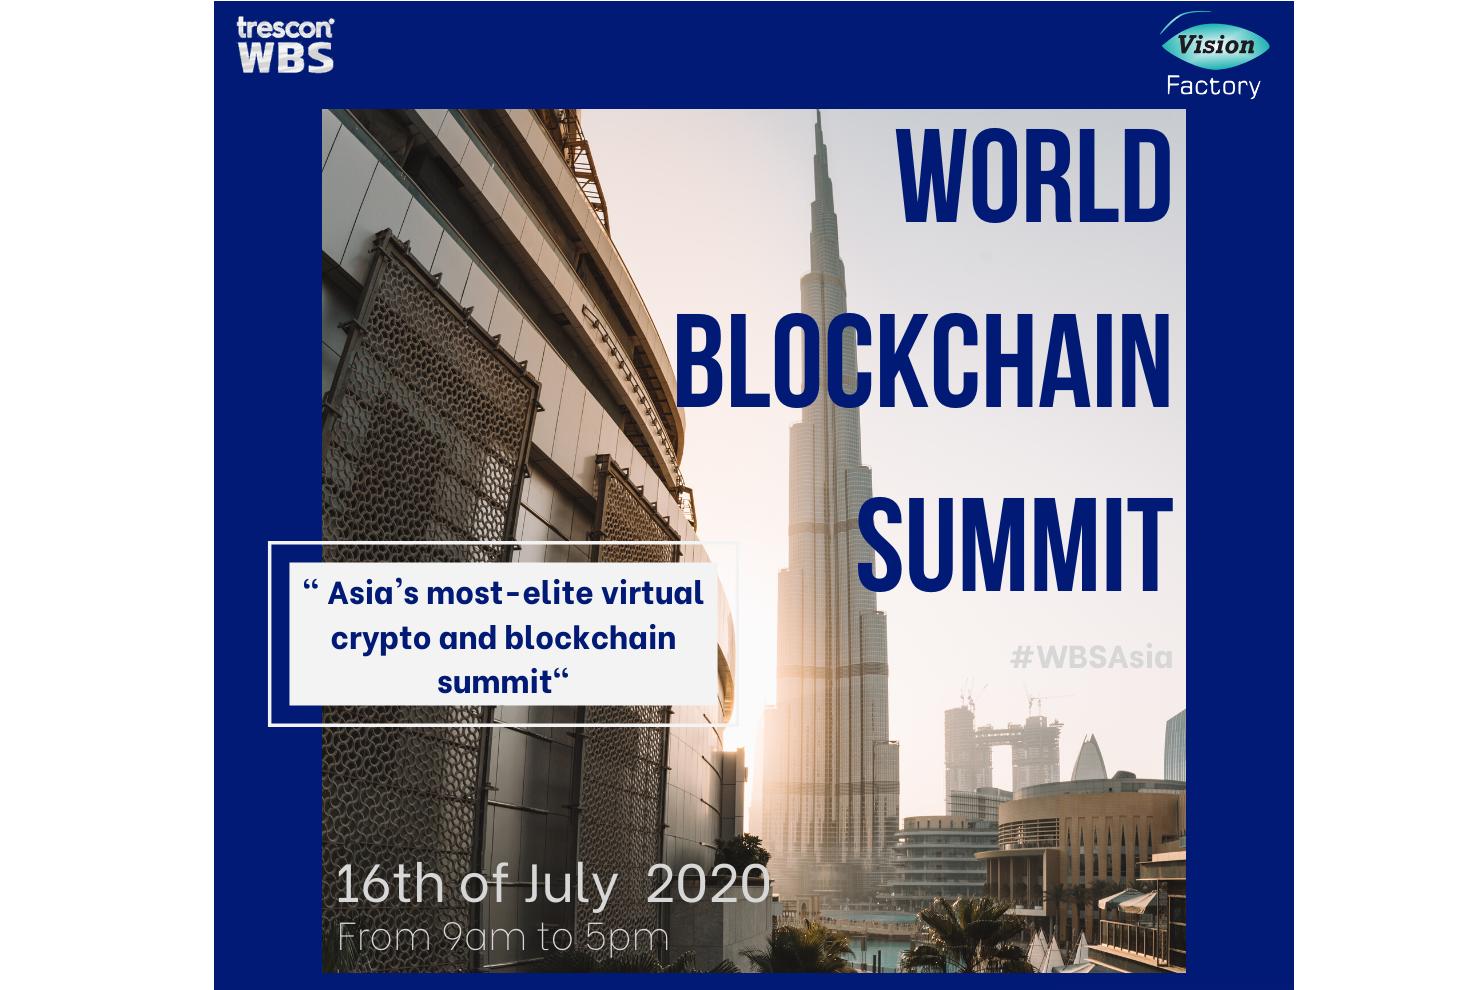 World Blockchain Summit zugeschnitten